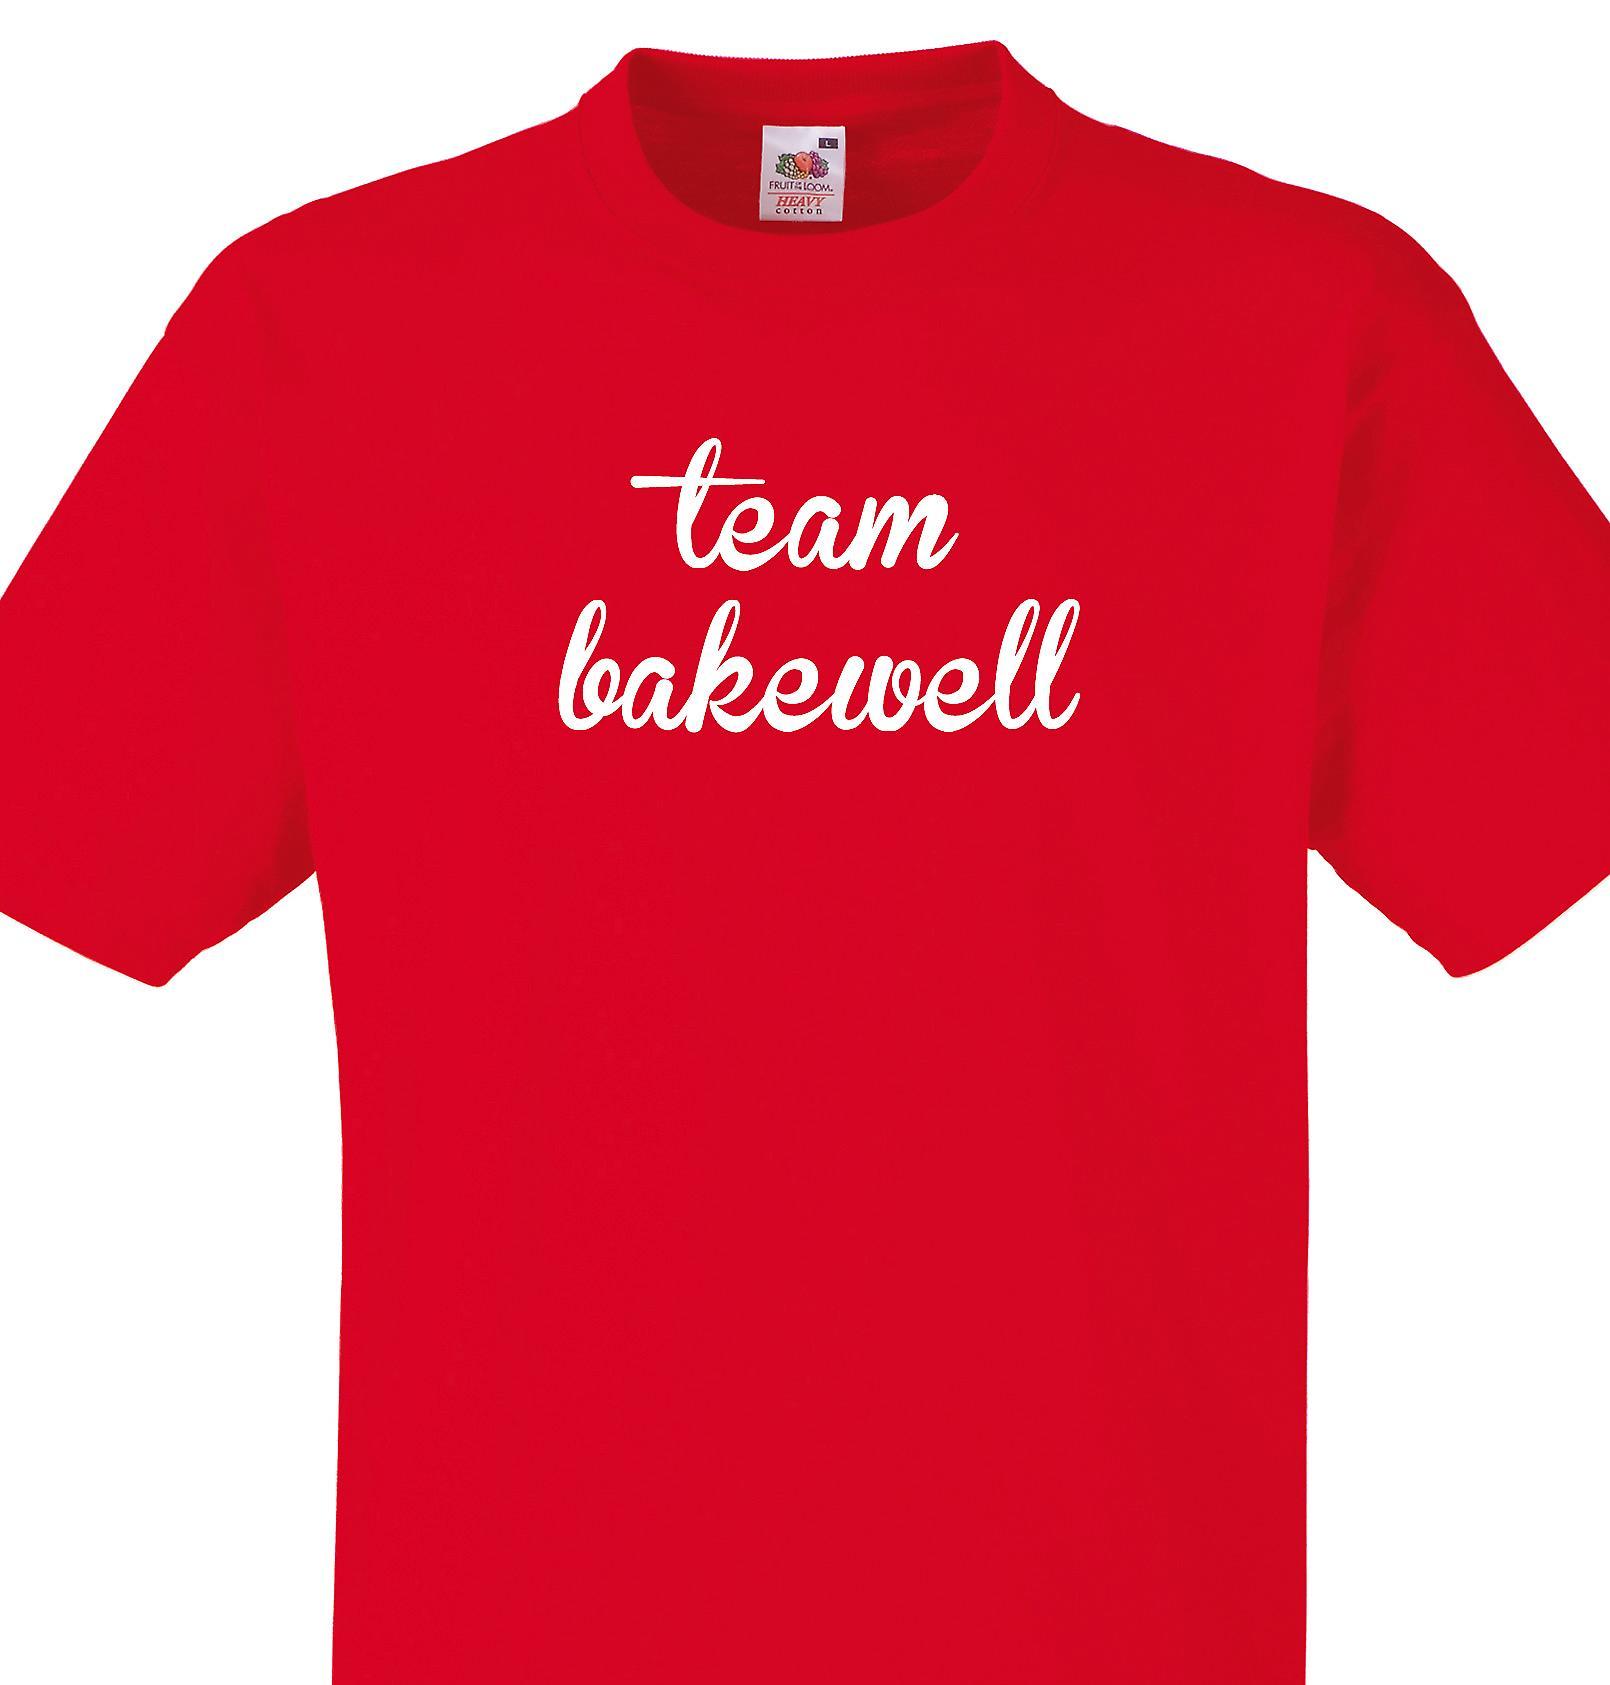 Team Bakewell Red T shirt